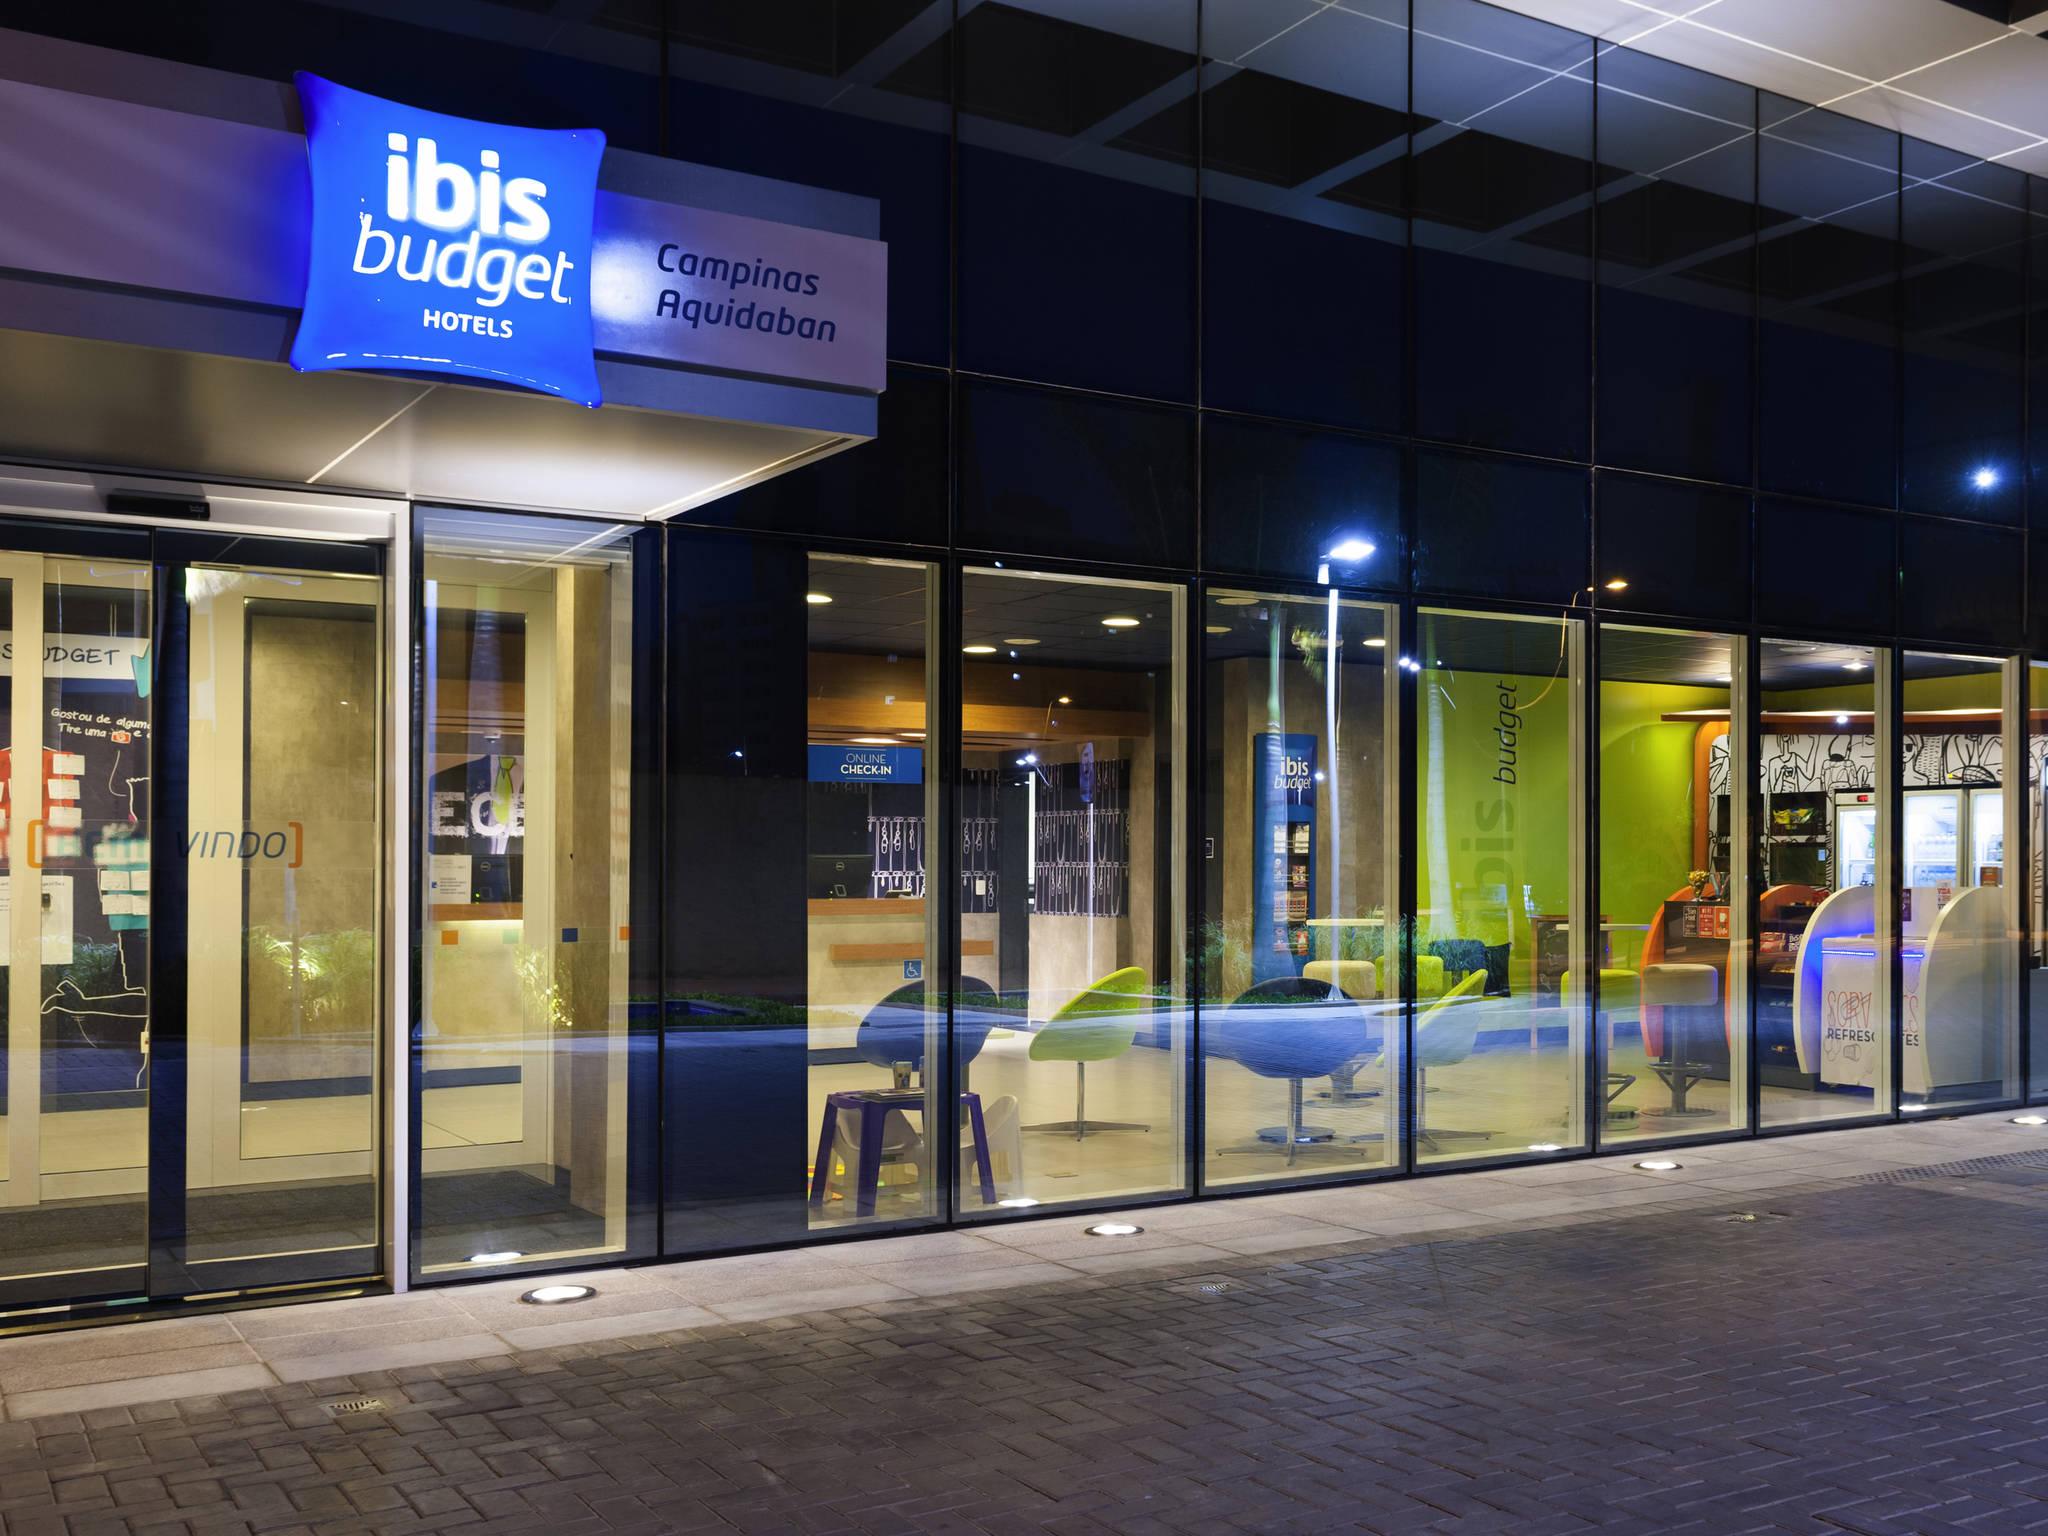 Отель — ibis budget Campinas Aquidaban